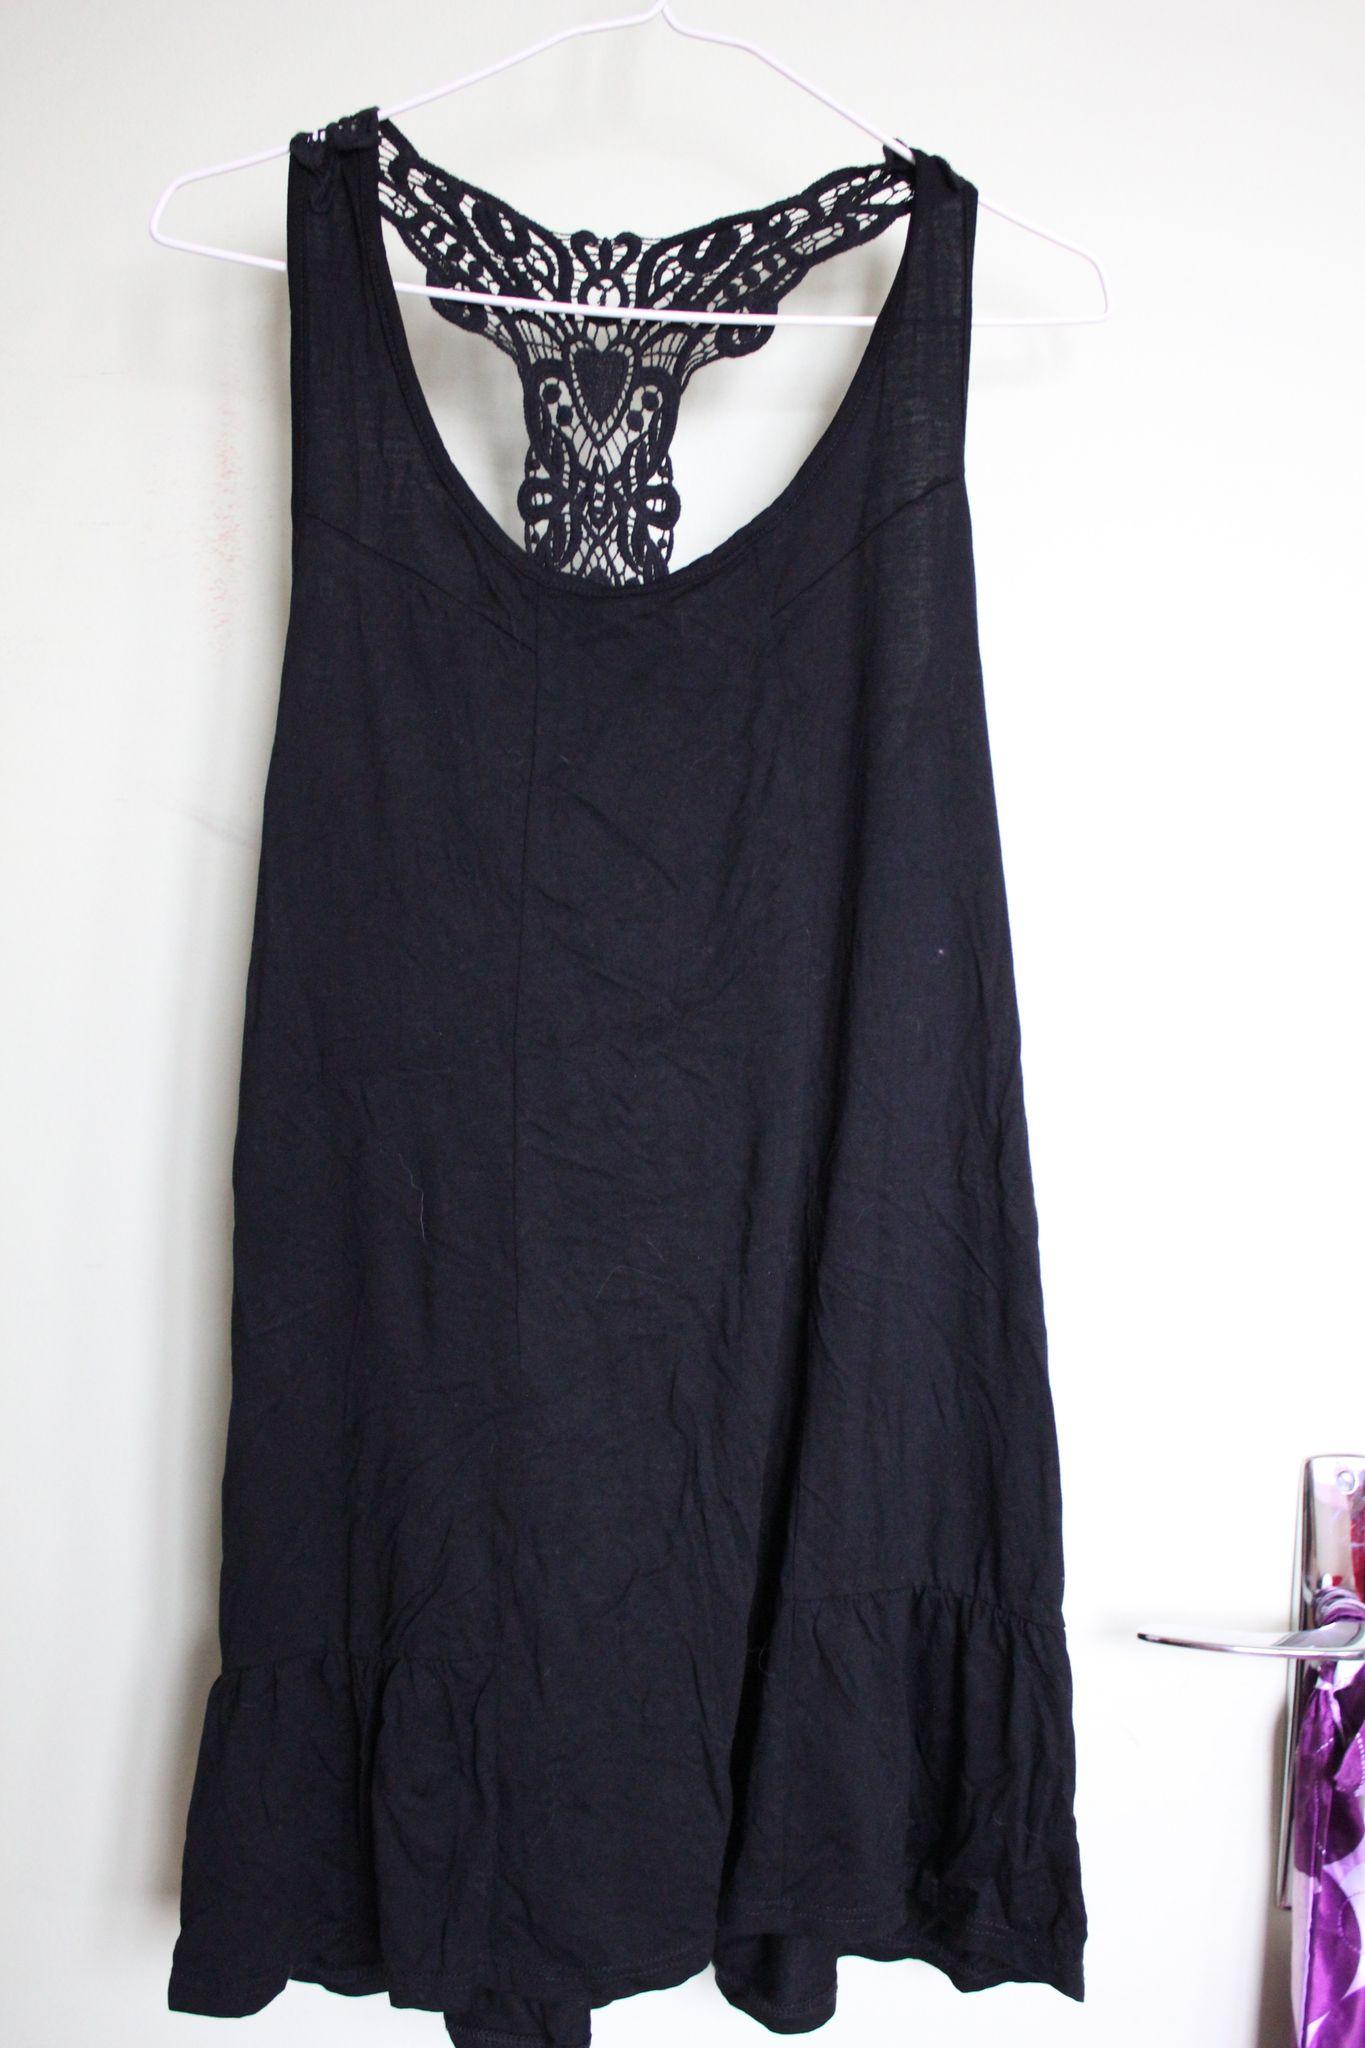 b0c8834cf5a67 Long débardeur noir dos dentellé - Vide dressing Paris